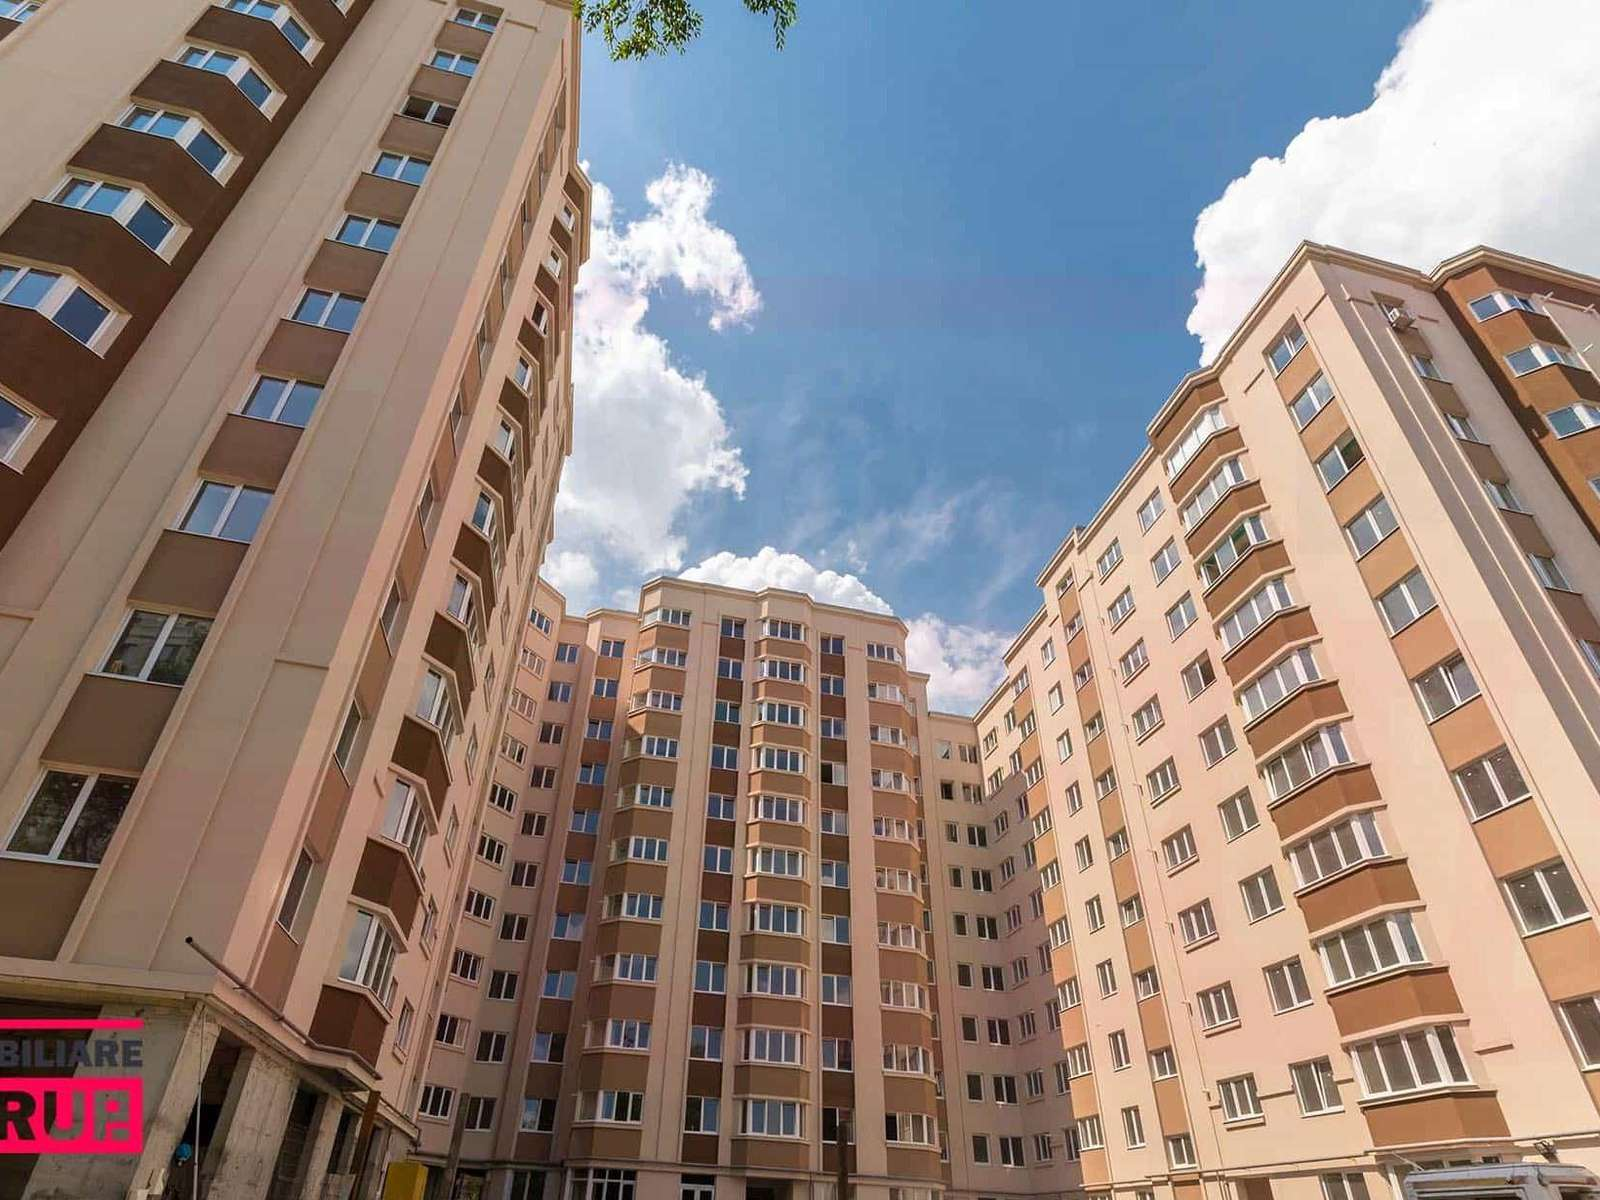 Apartament finisat cu 3 camere Așhabad 127 la super pret de 495 euro